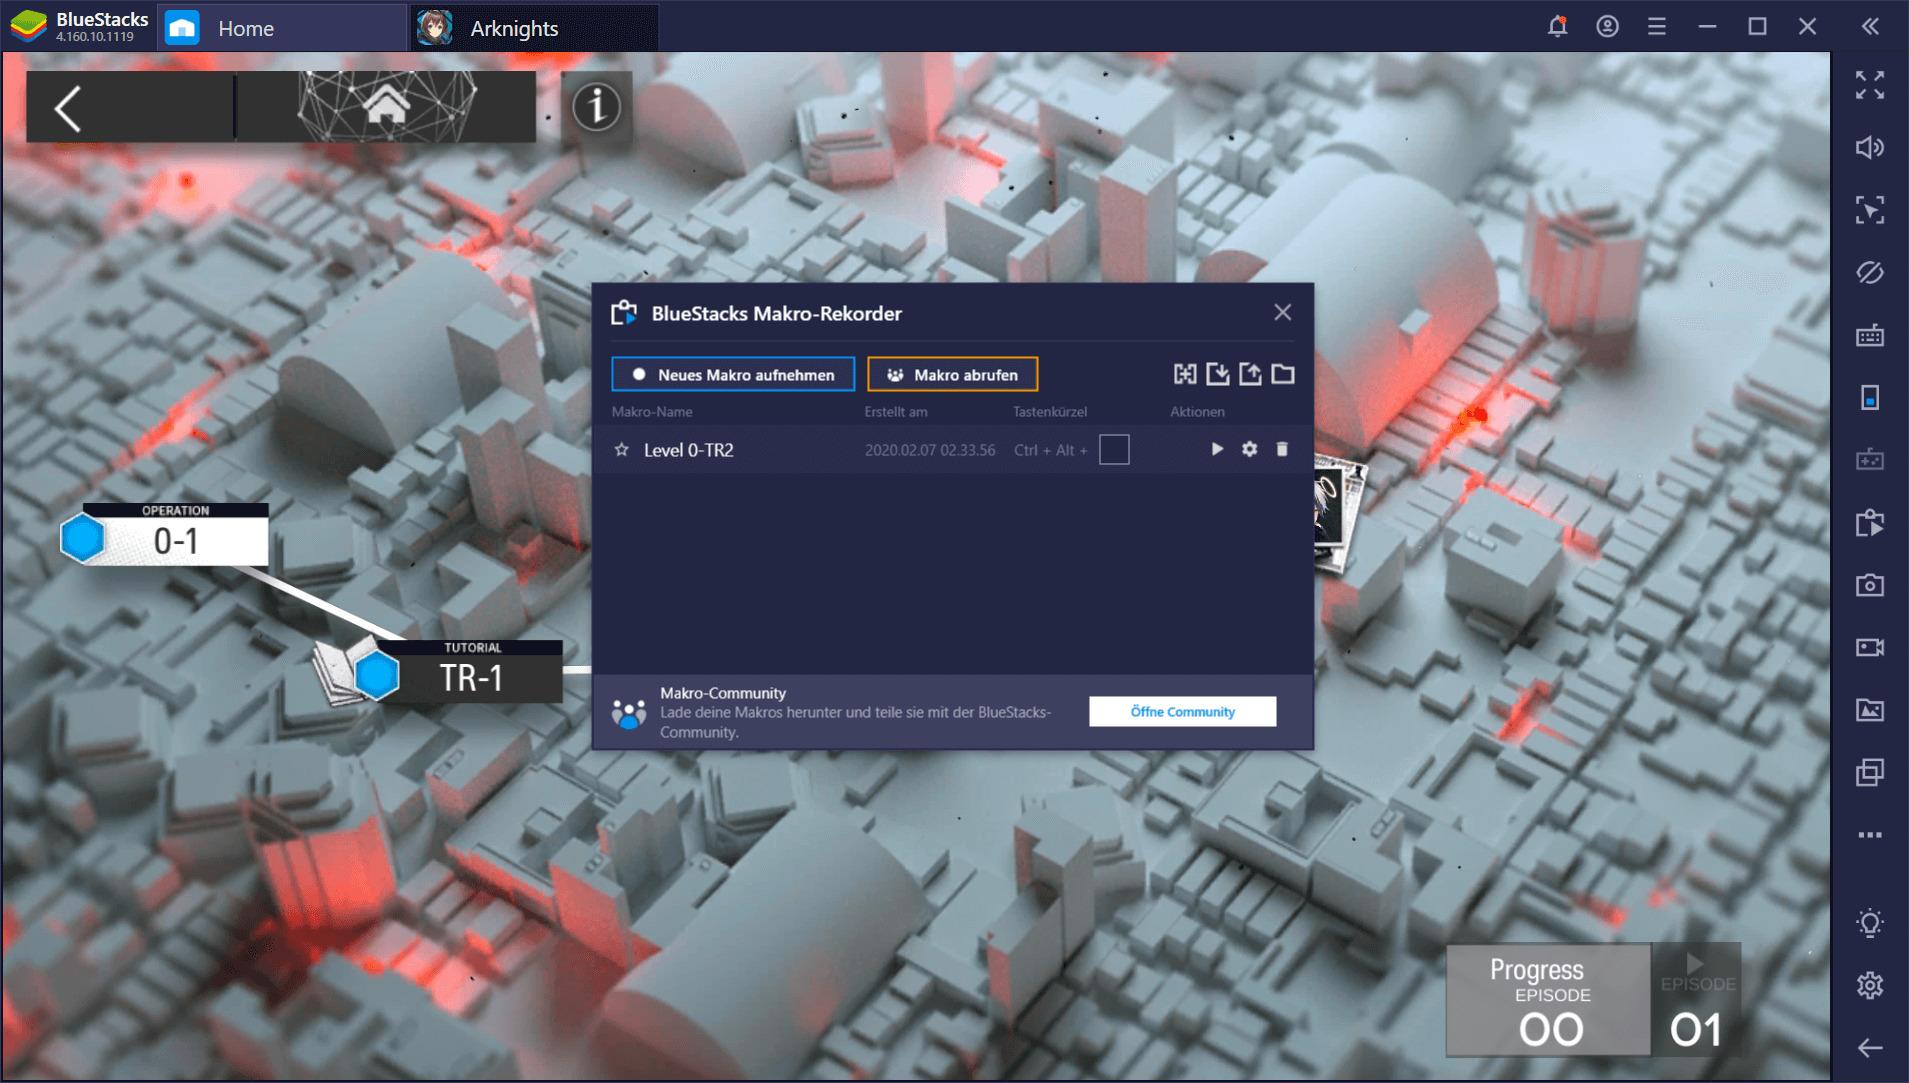 Arknights auf dem PC – So verteidigst du deine Lanes mit BlueStacks